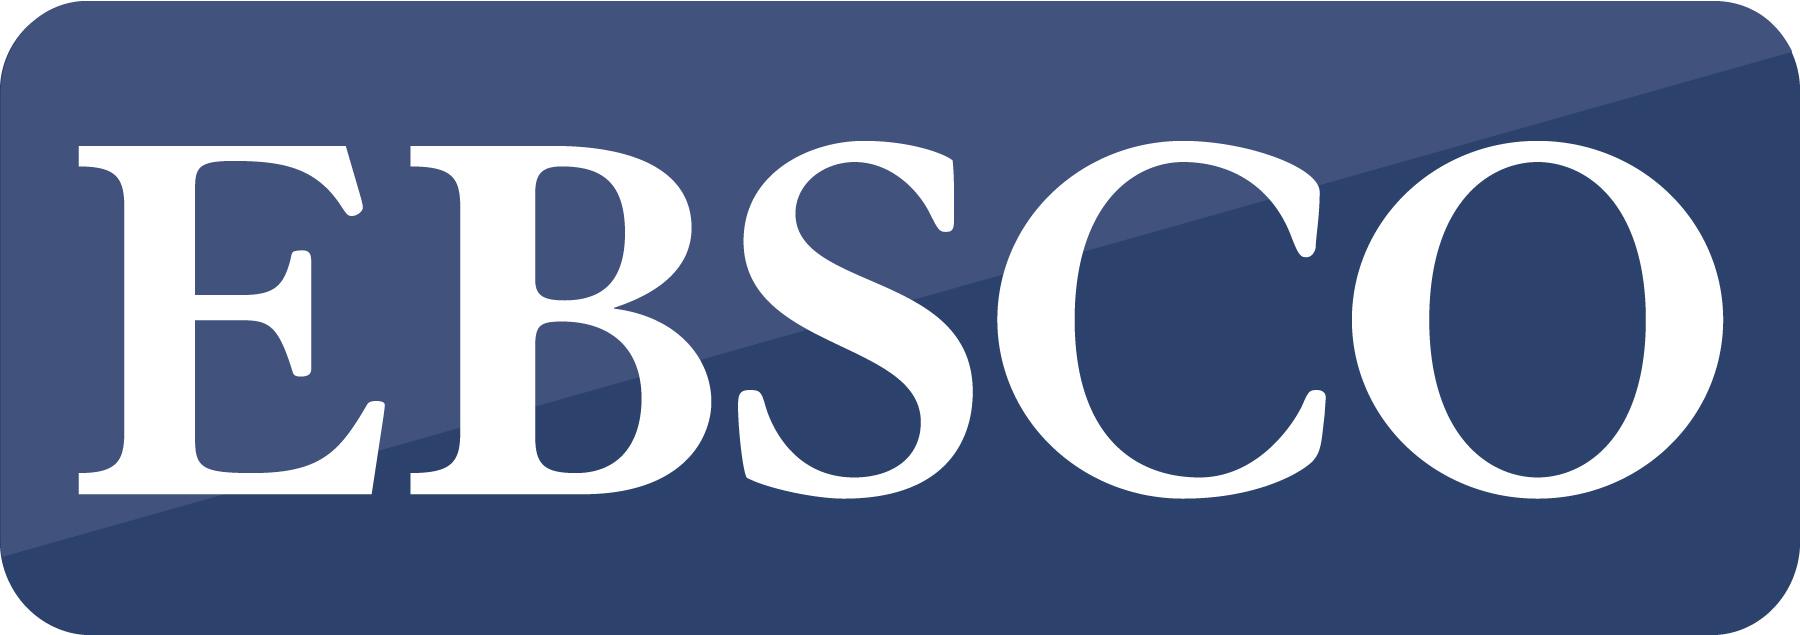 EBSCO_highres